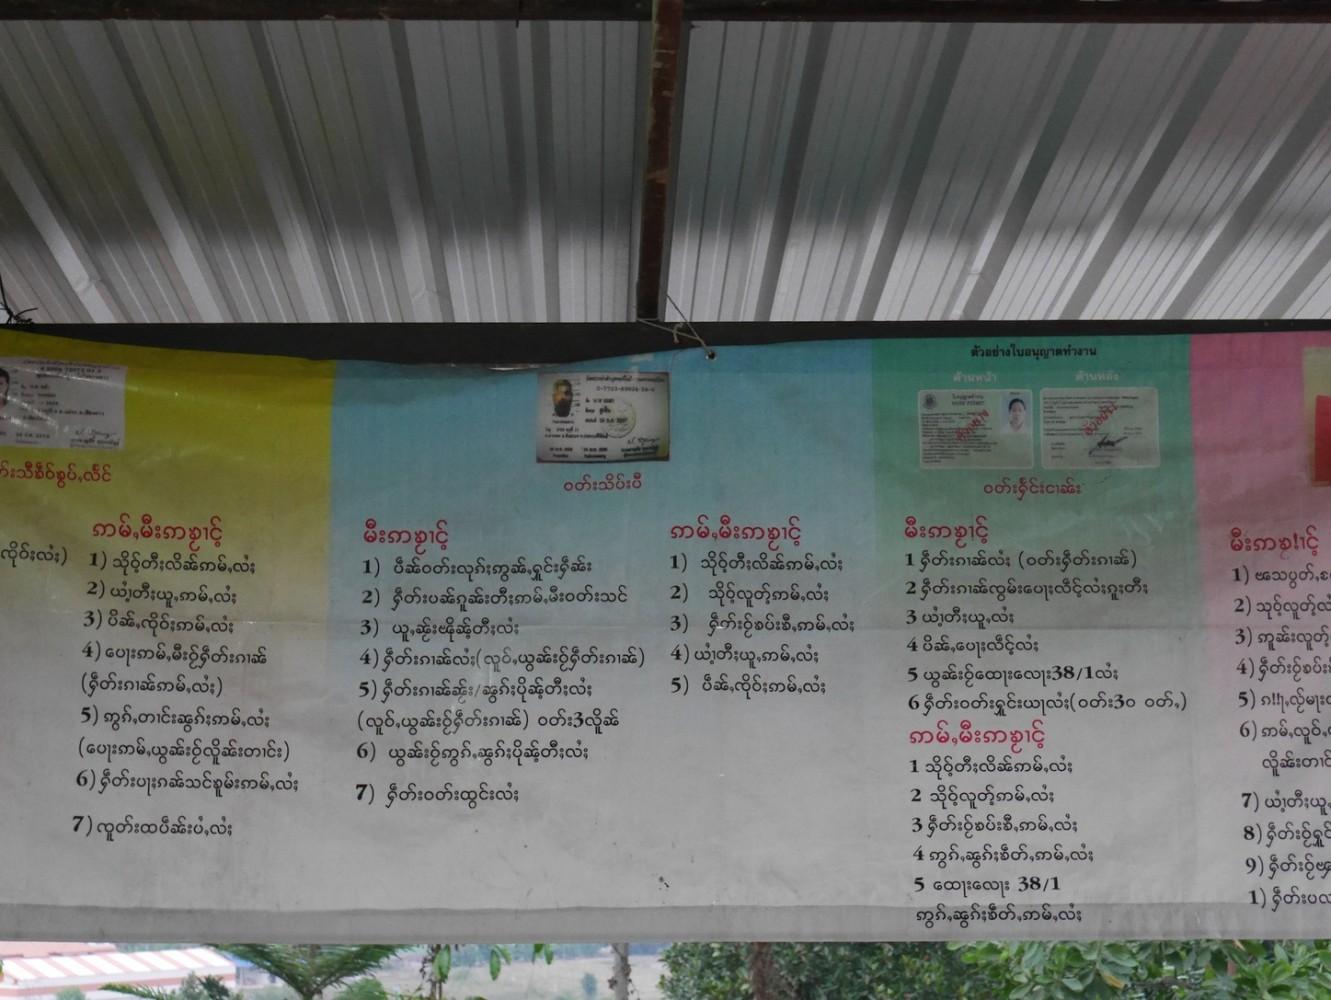 verschiedene ID's für Migranten